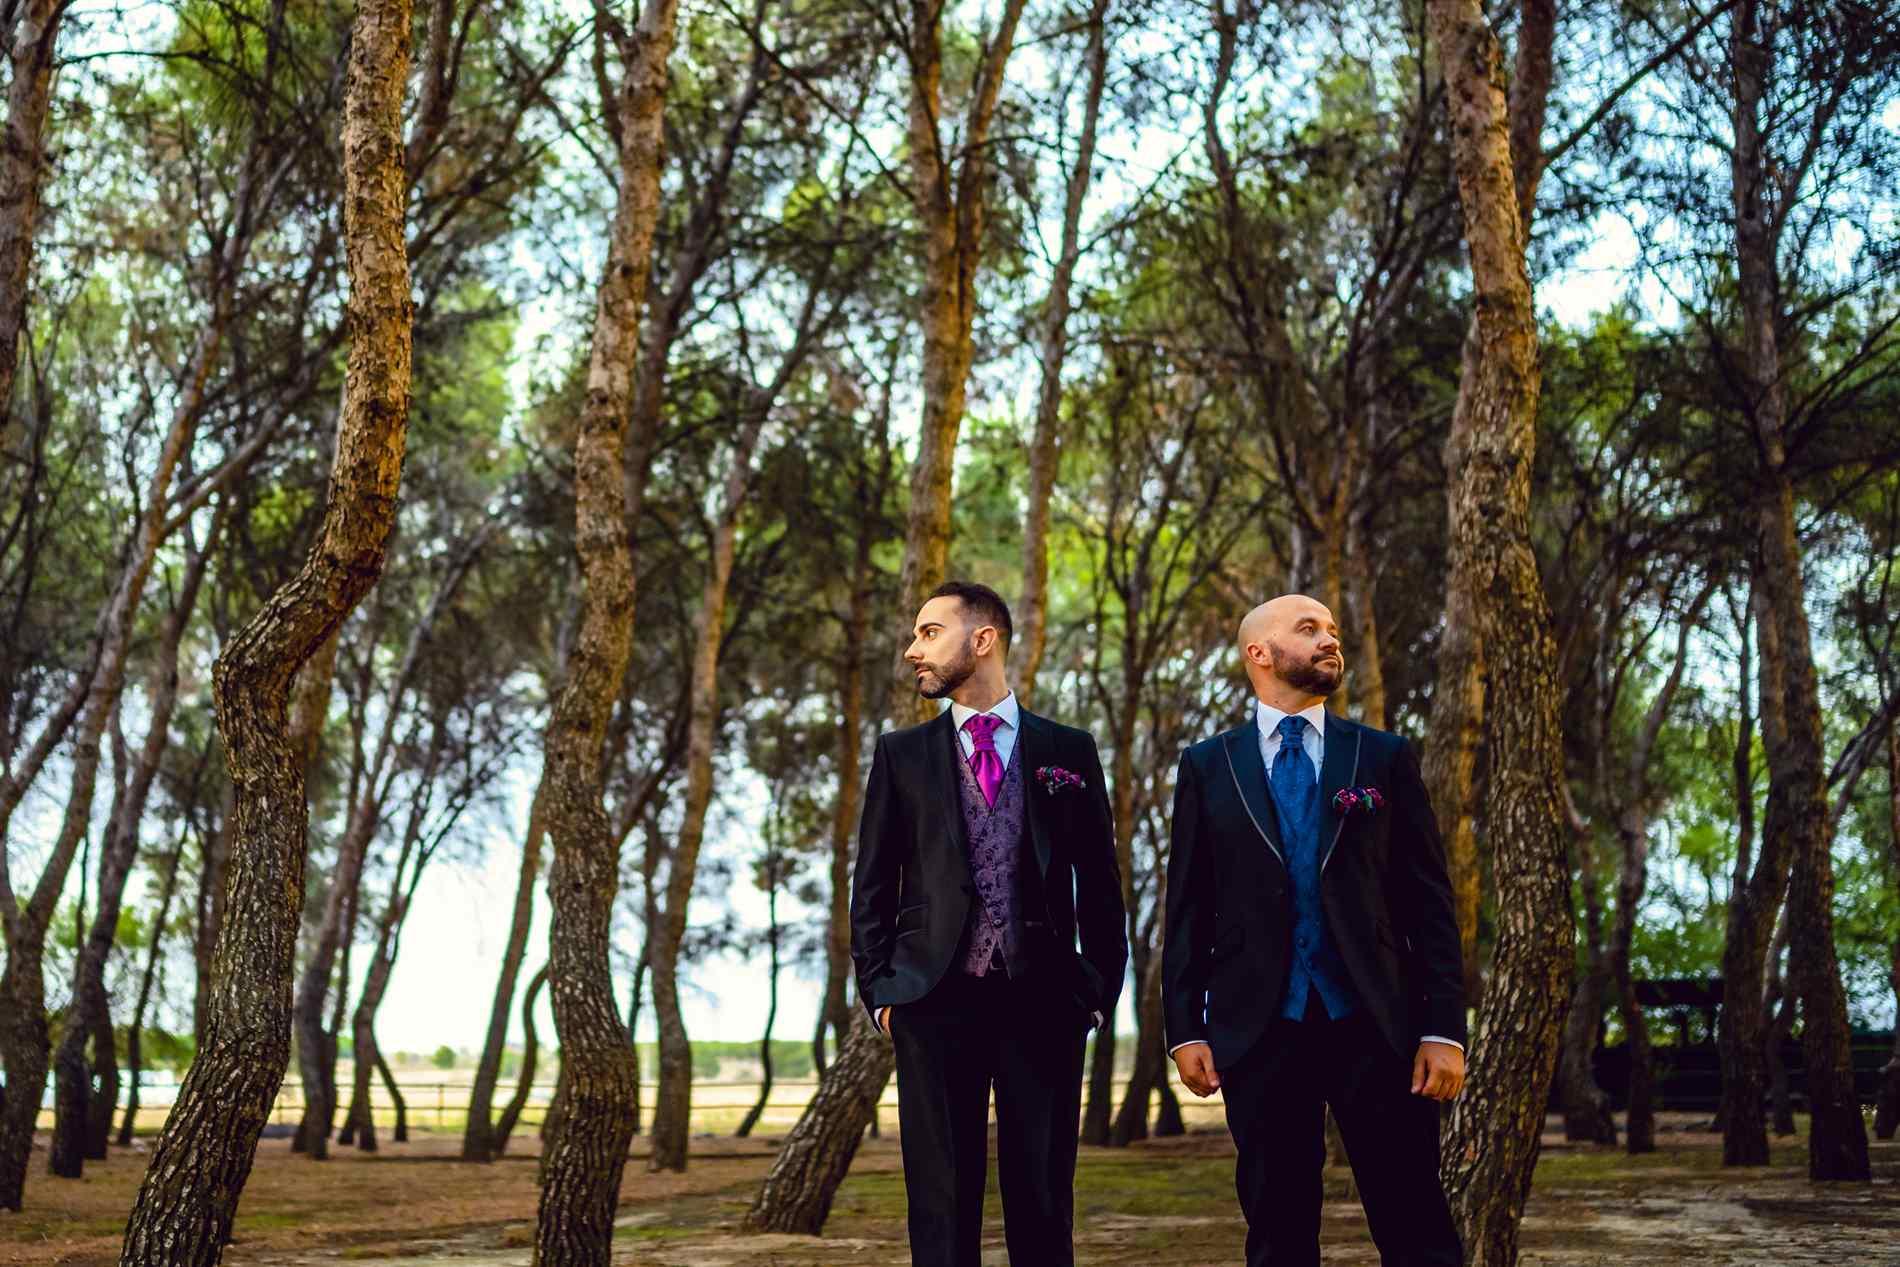 pareja LGTB en su boda